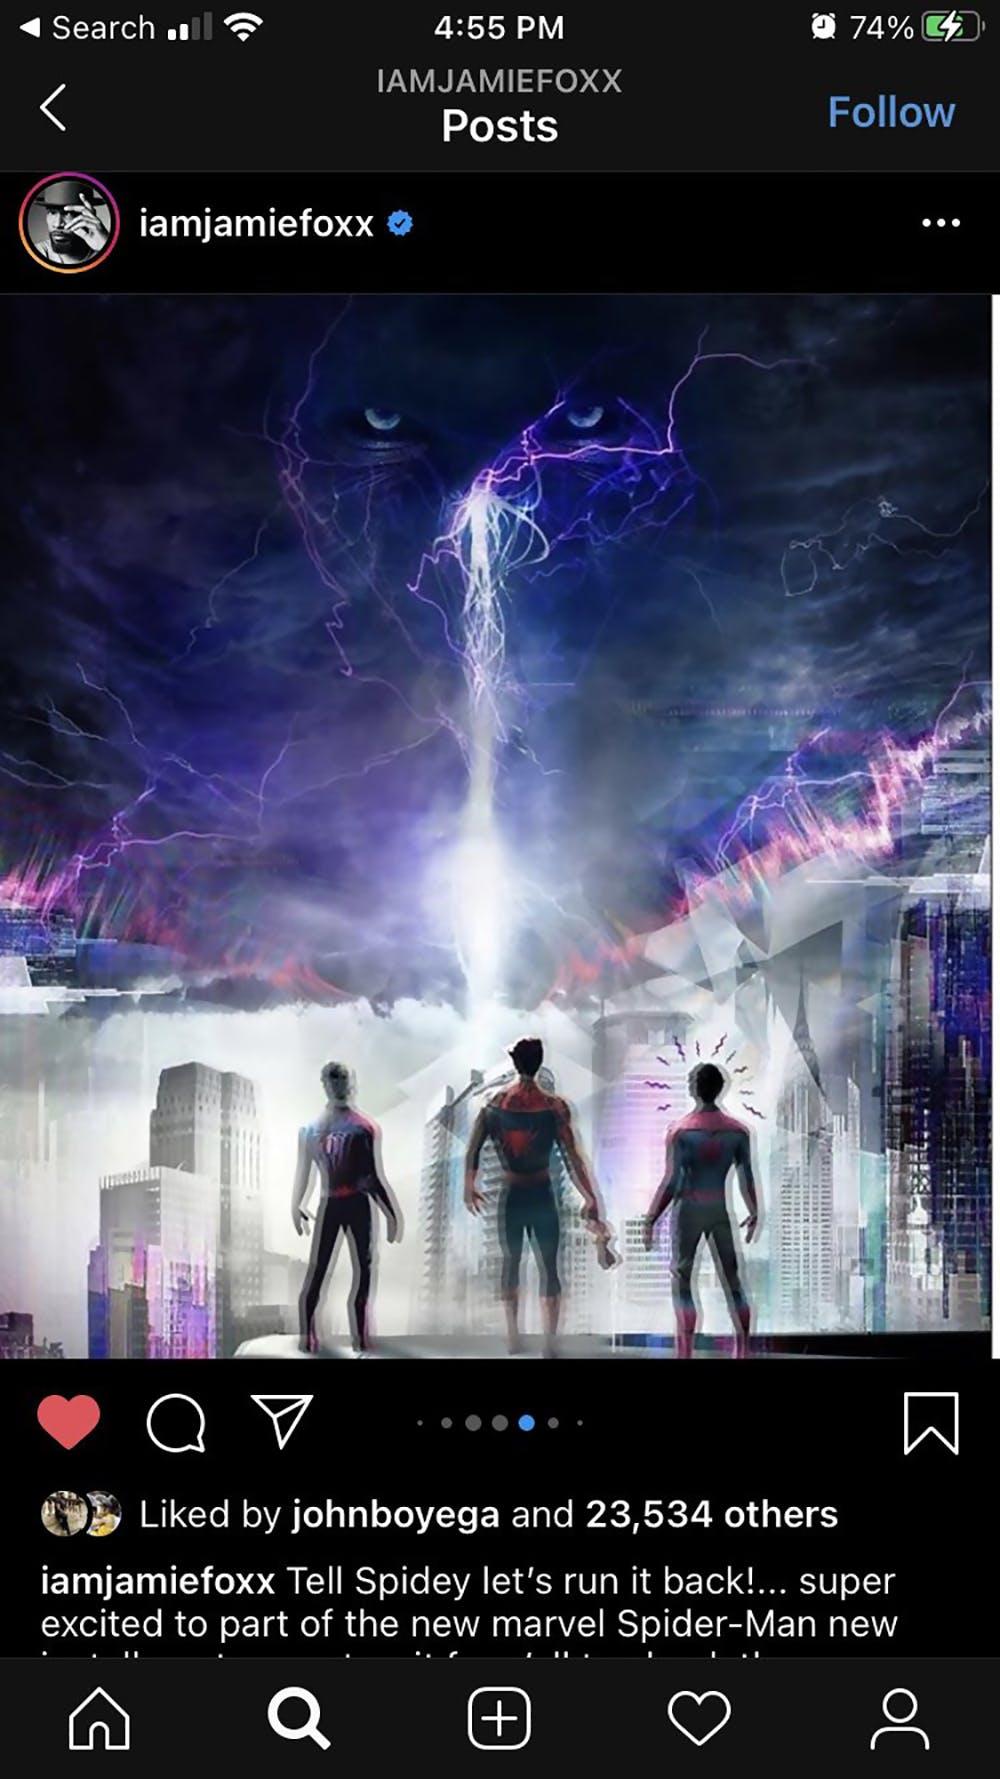 electro face aux 3 spider-men